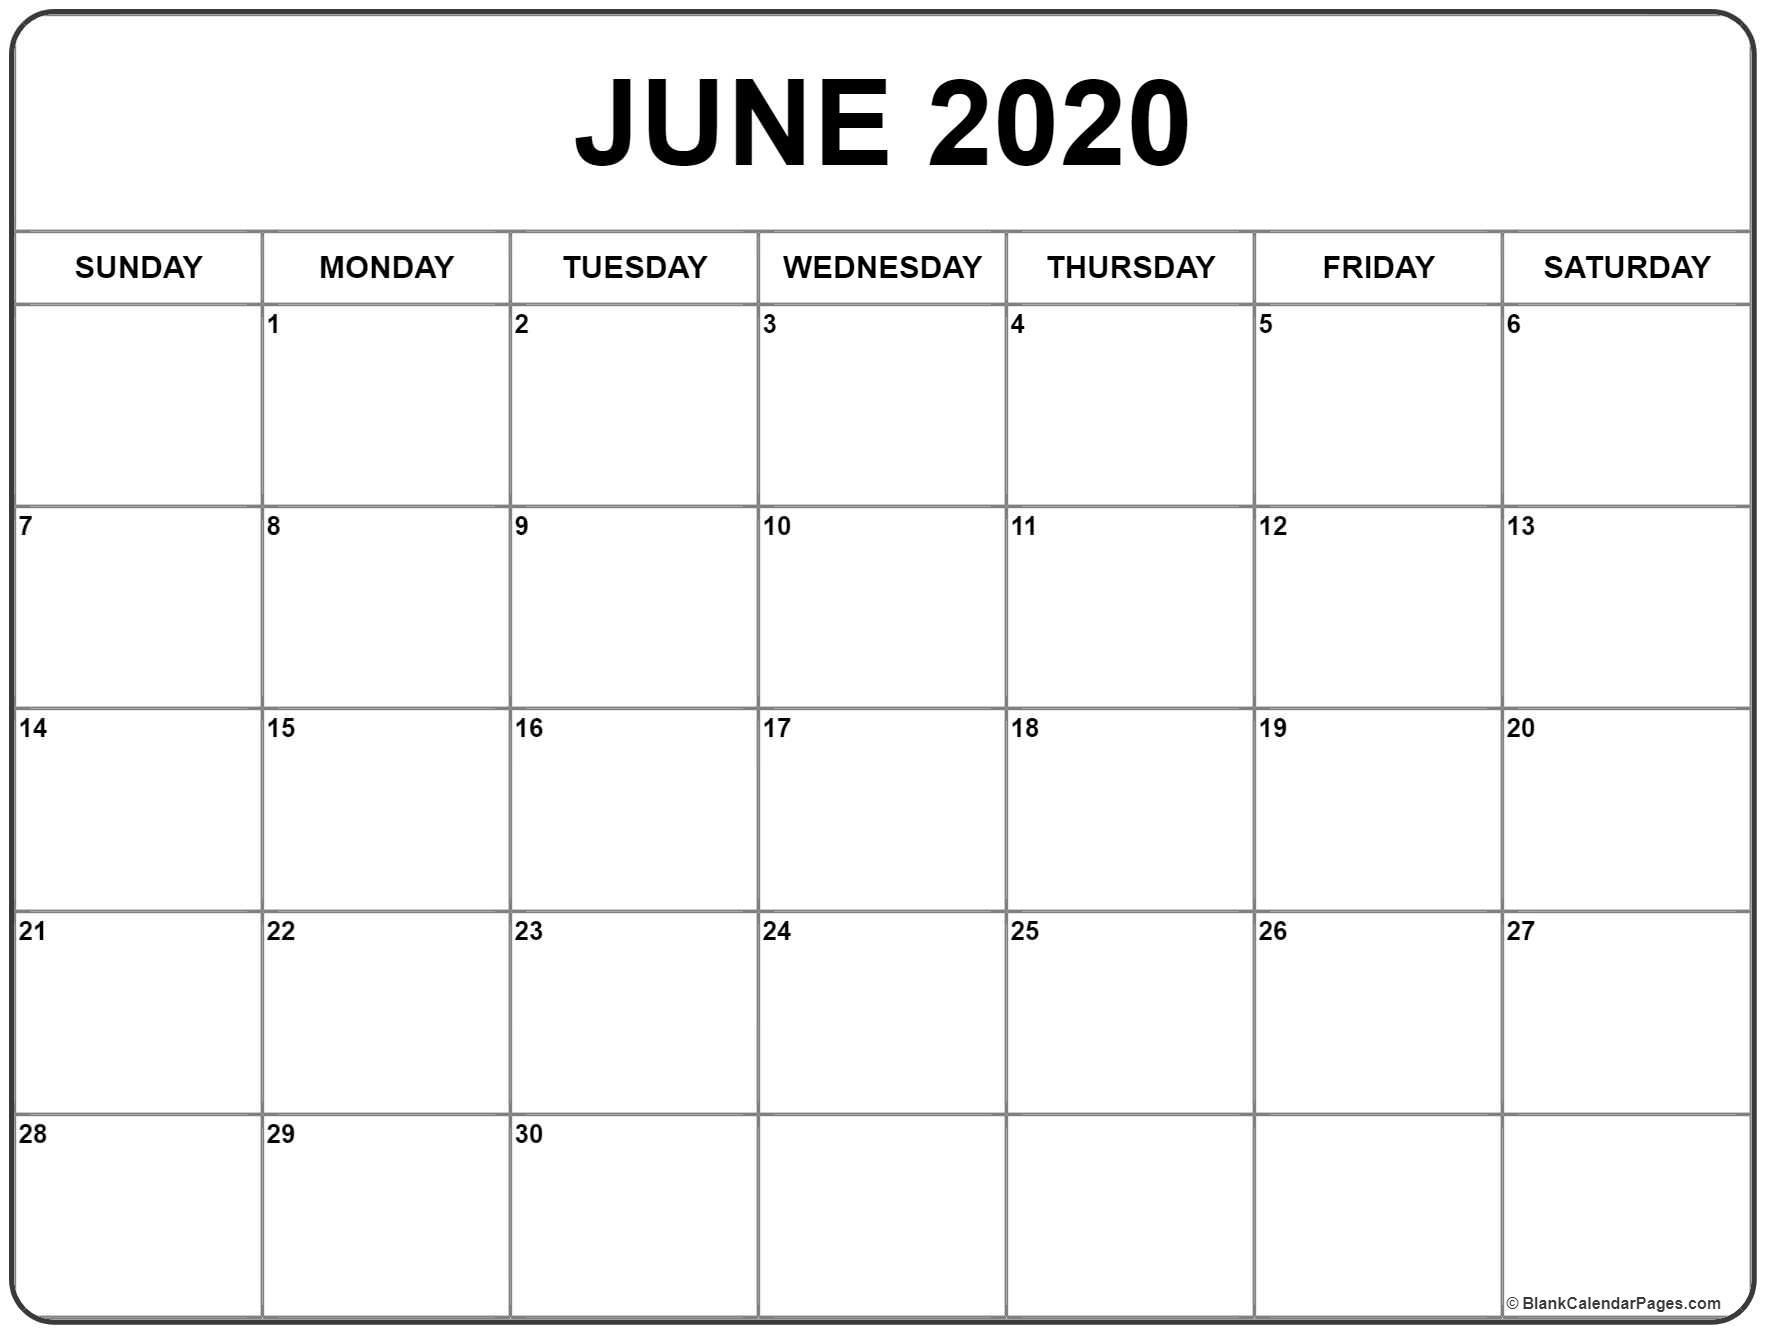 June 2020 Calendar | Free Printable Monthly Calendars in Calendar April 2019 Thru April 2020, Printable